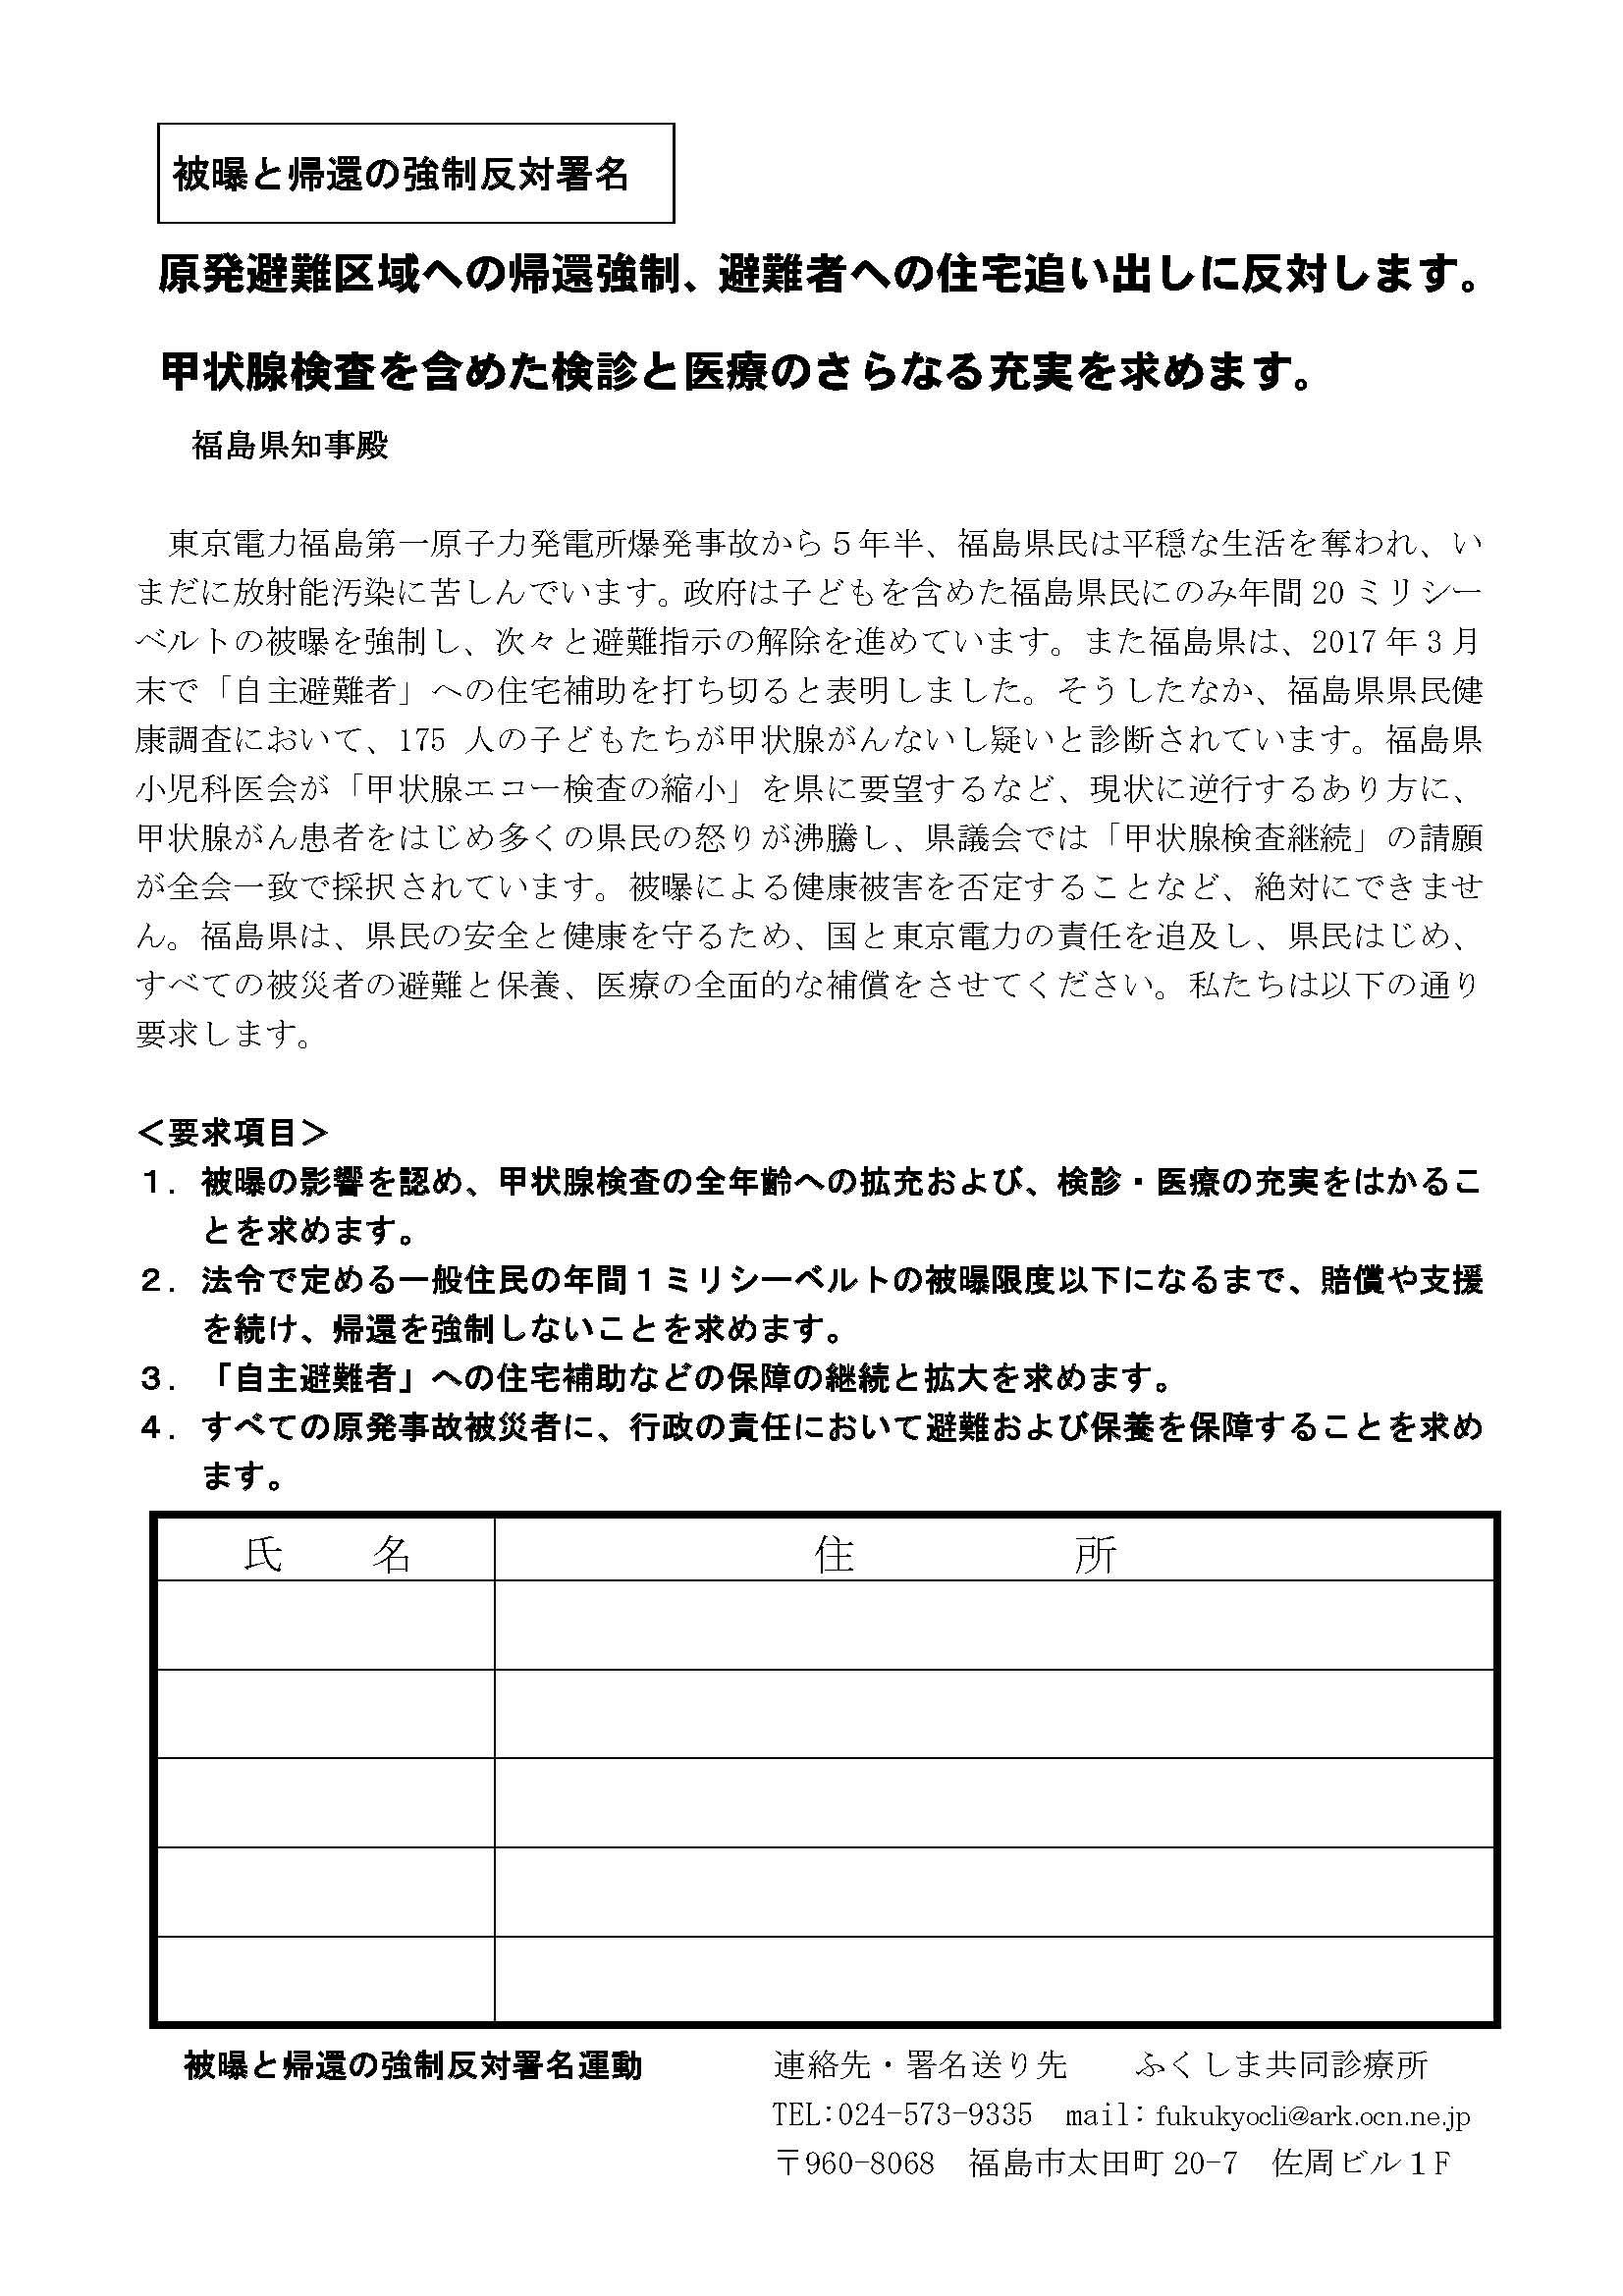 署名用紙最新版